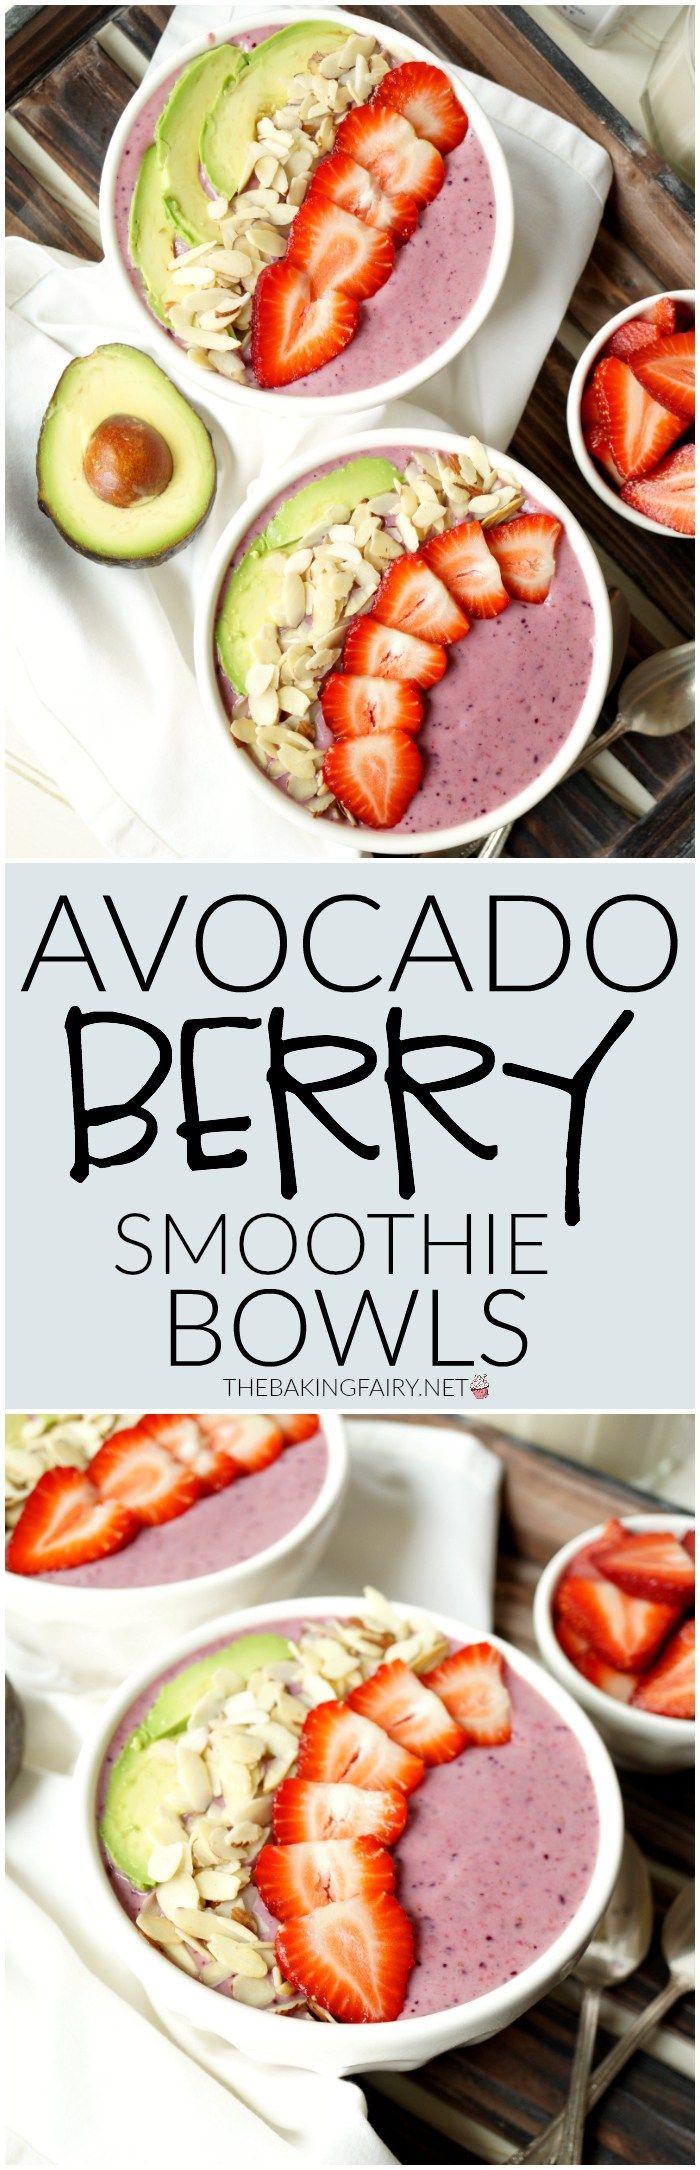 avocado berry smoothie bowl | The Baking Fairy